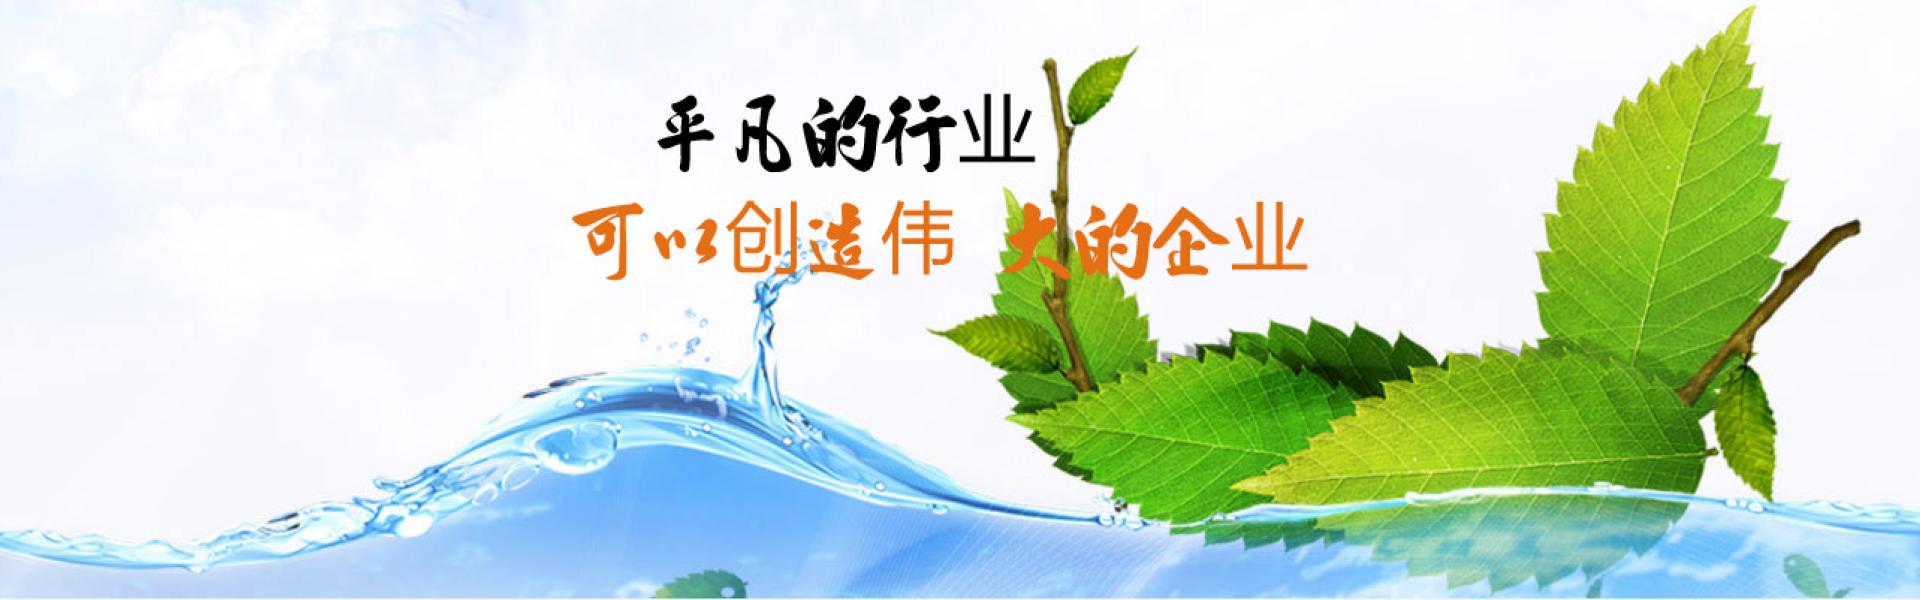 重庆厂房保洁:平凡的行业也可以创造伟大的企业!